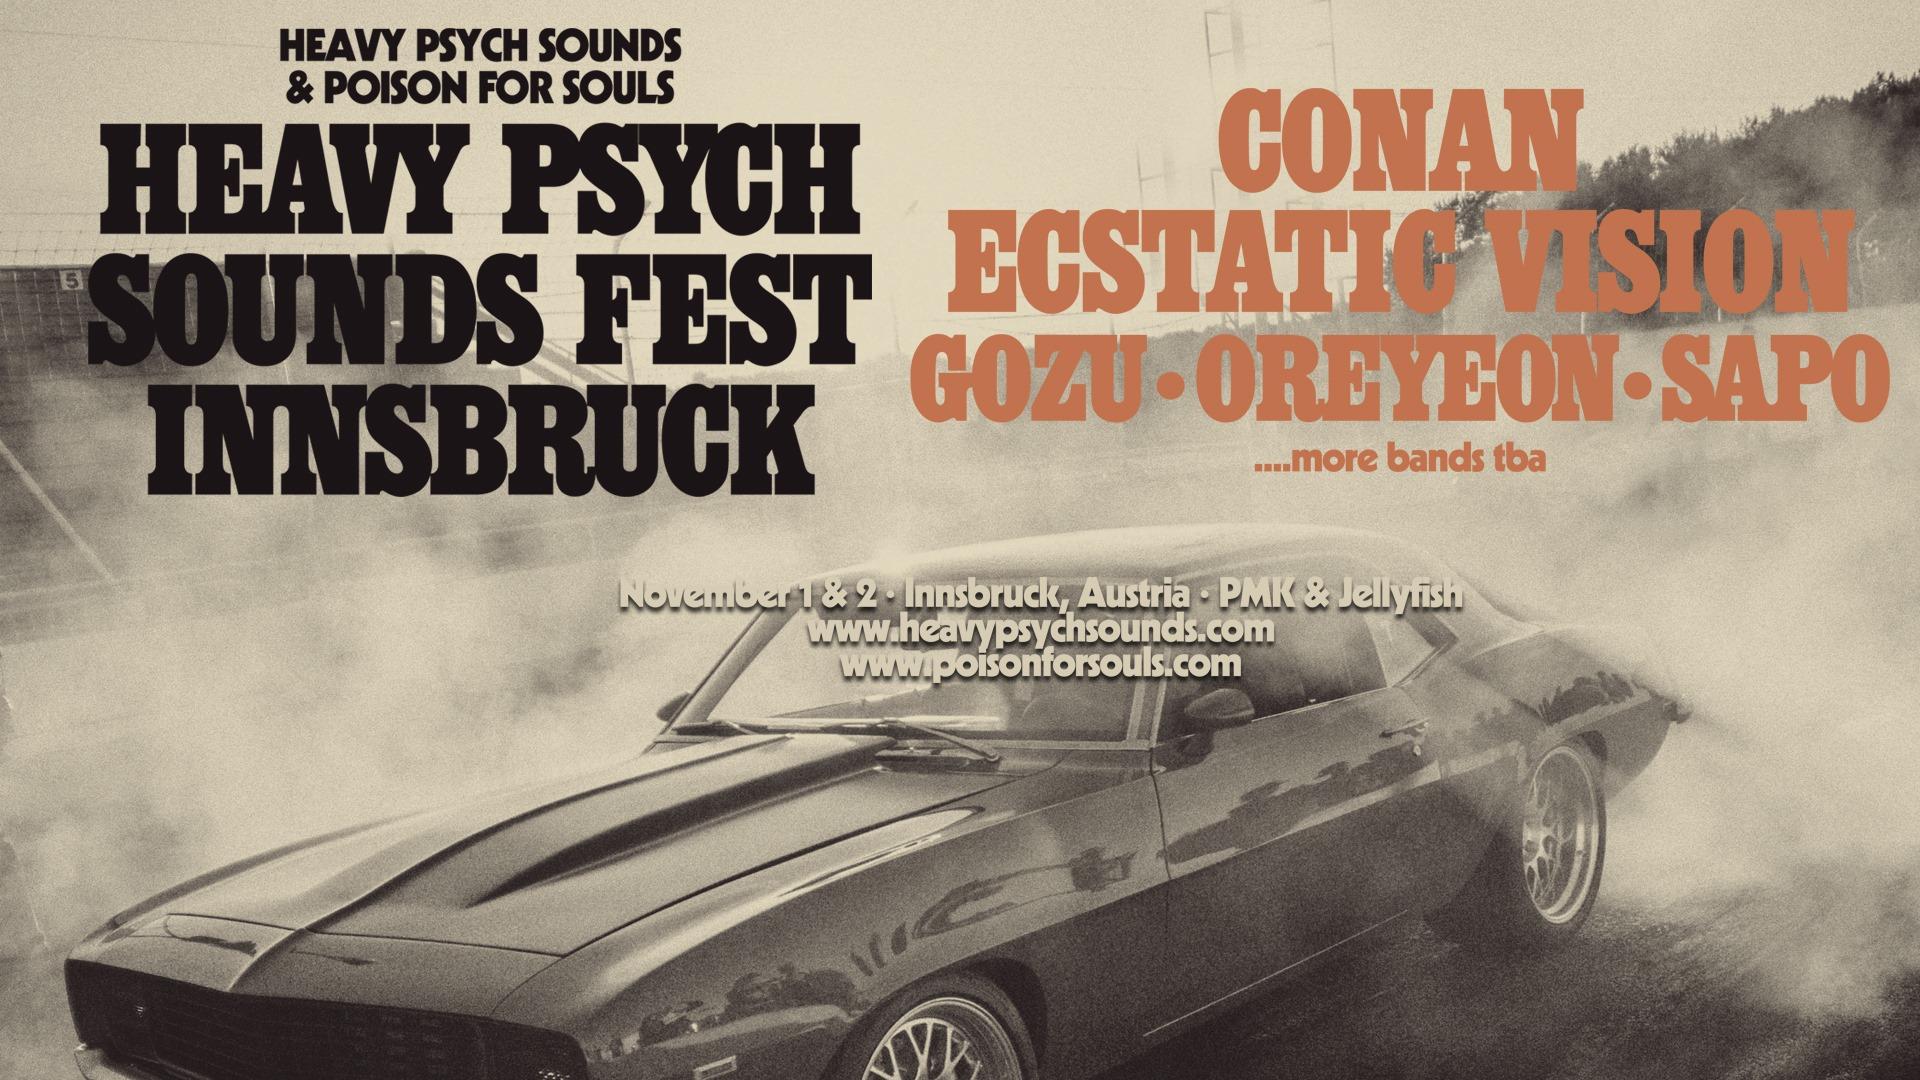 heavy psych sounds fest innsbruck banner